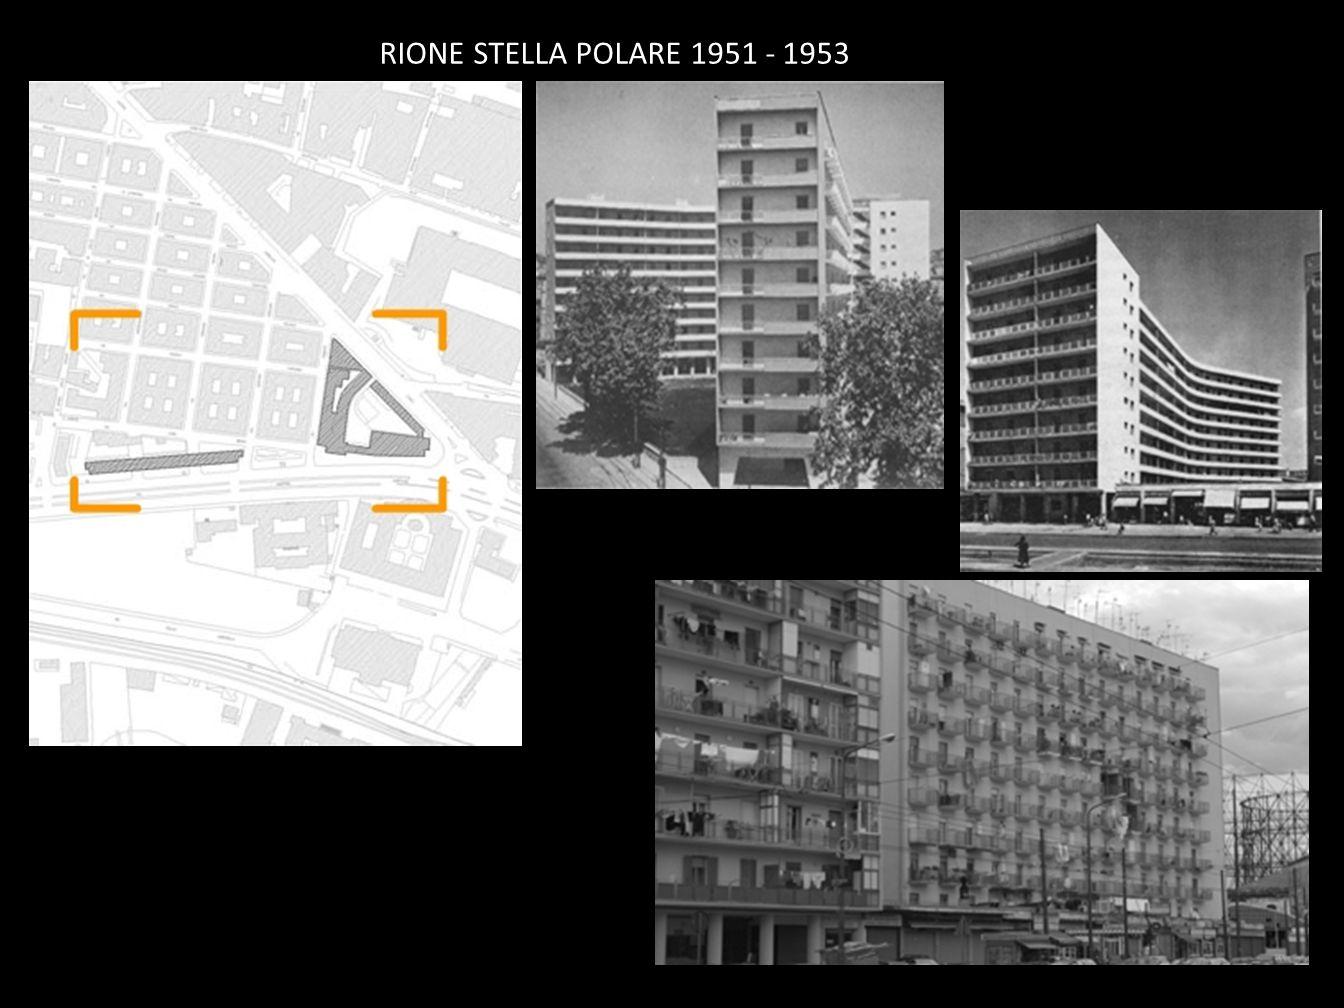 Rione Stella Polare RIONE STELLA POLARE 1951 - 1953